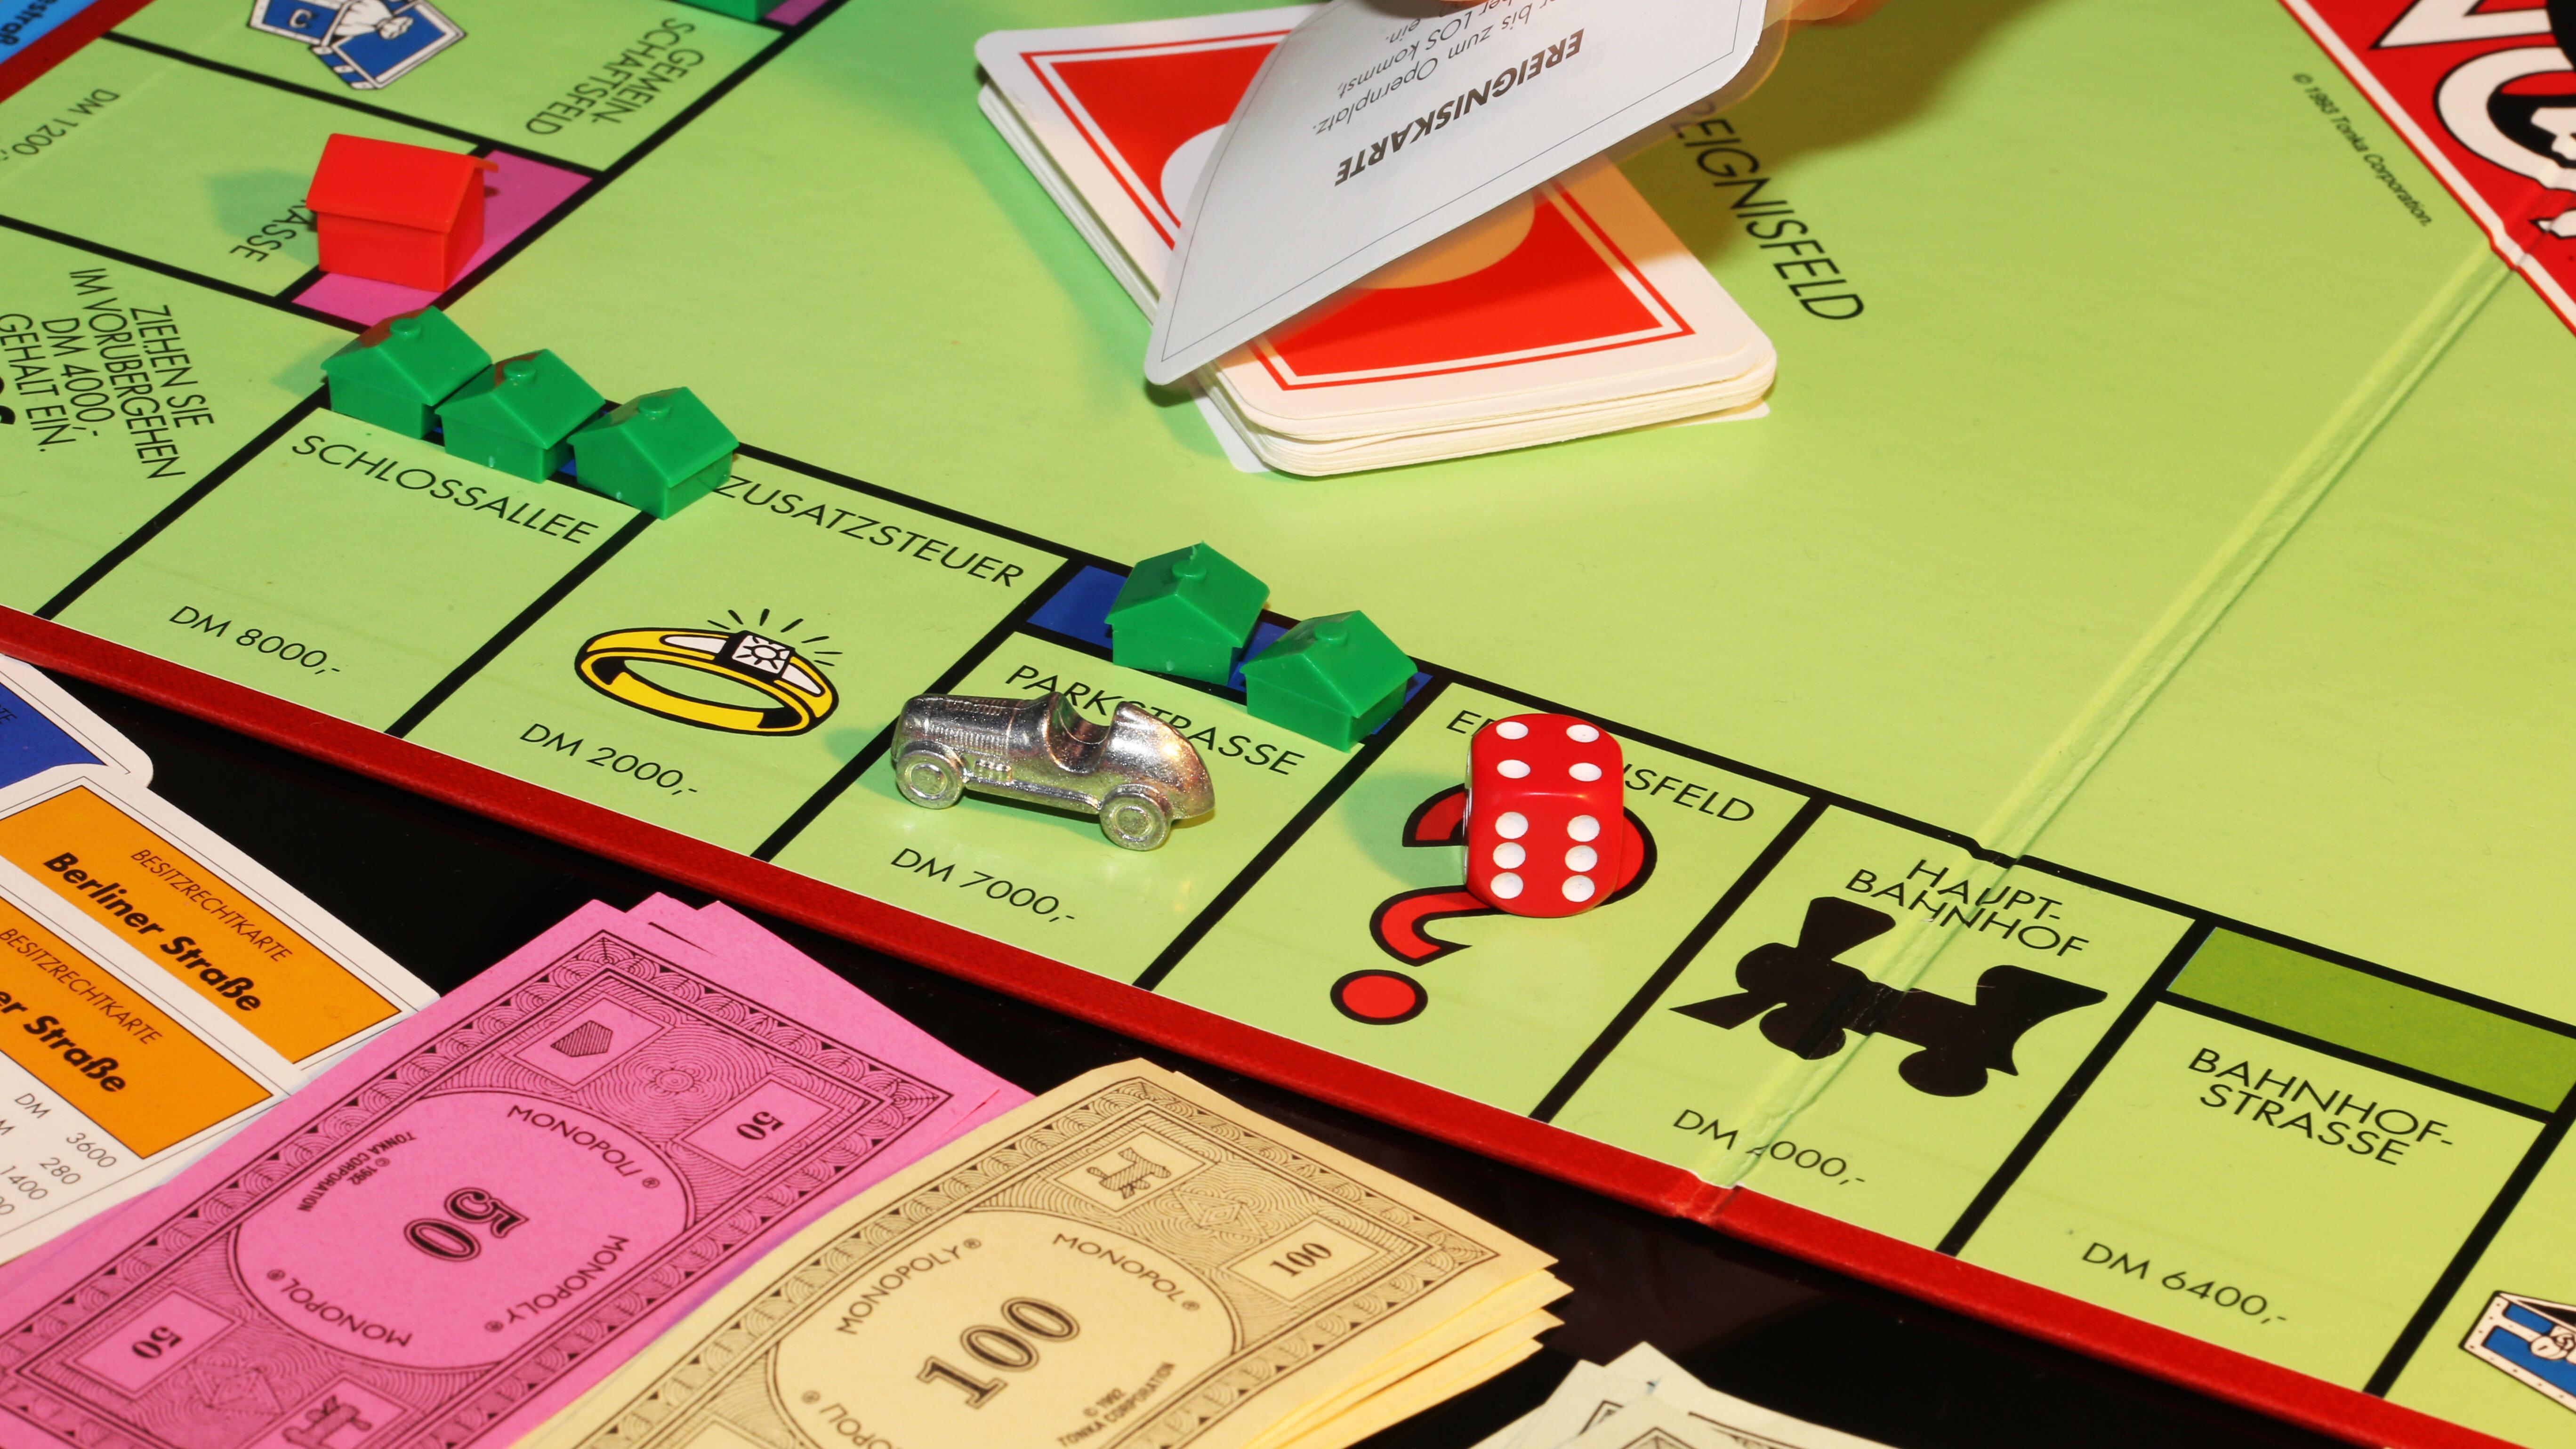 Bei Monopoly erhalten Sie weiterhin Mieteinnahmen, auch wenn Sie im Gefängnis sind.